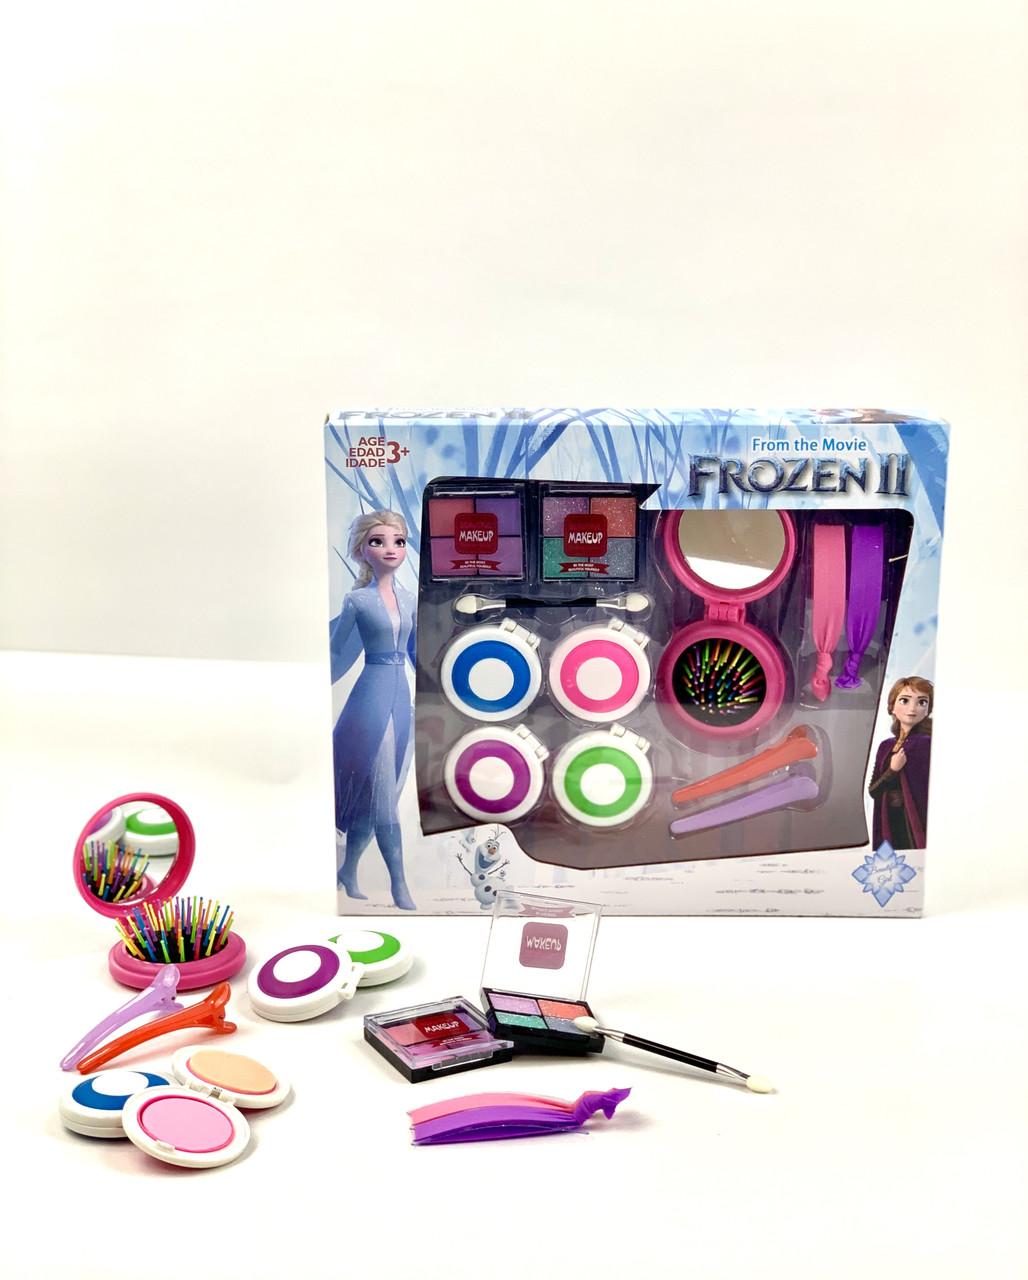 Игровой набор детской декоративной косметики Frozen для девочки. Косметика для девочек.Детская косметика.